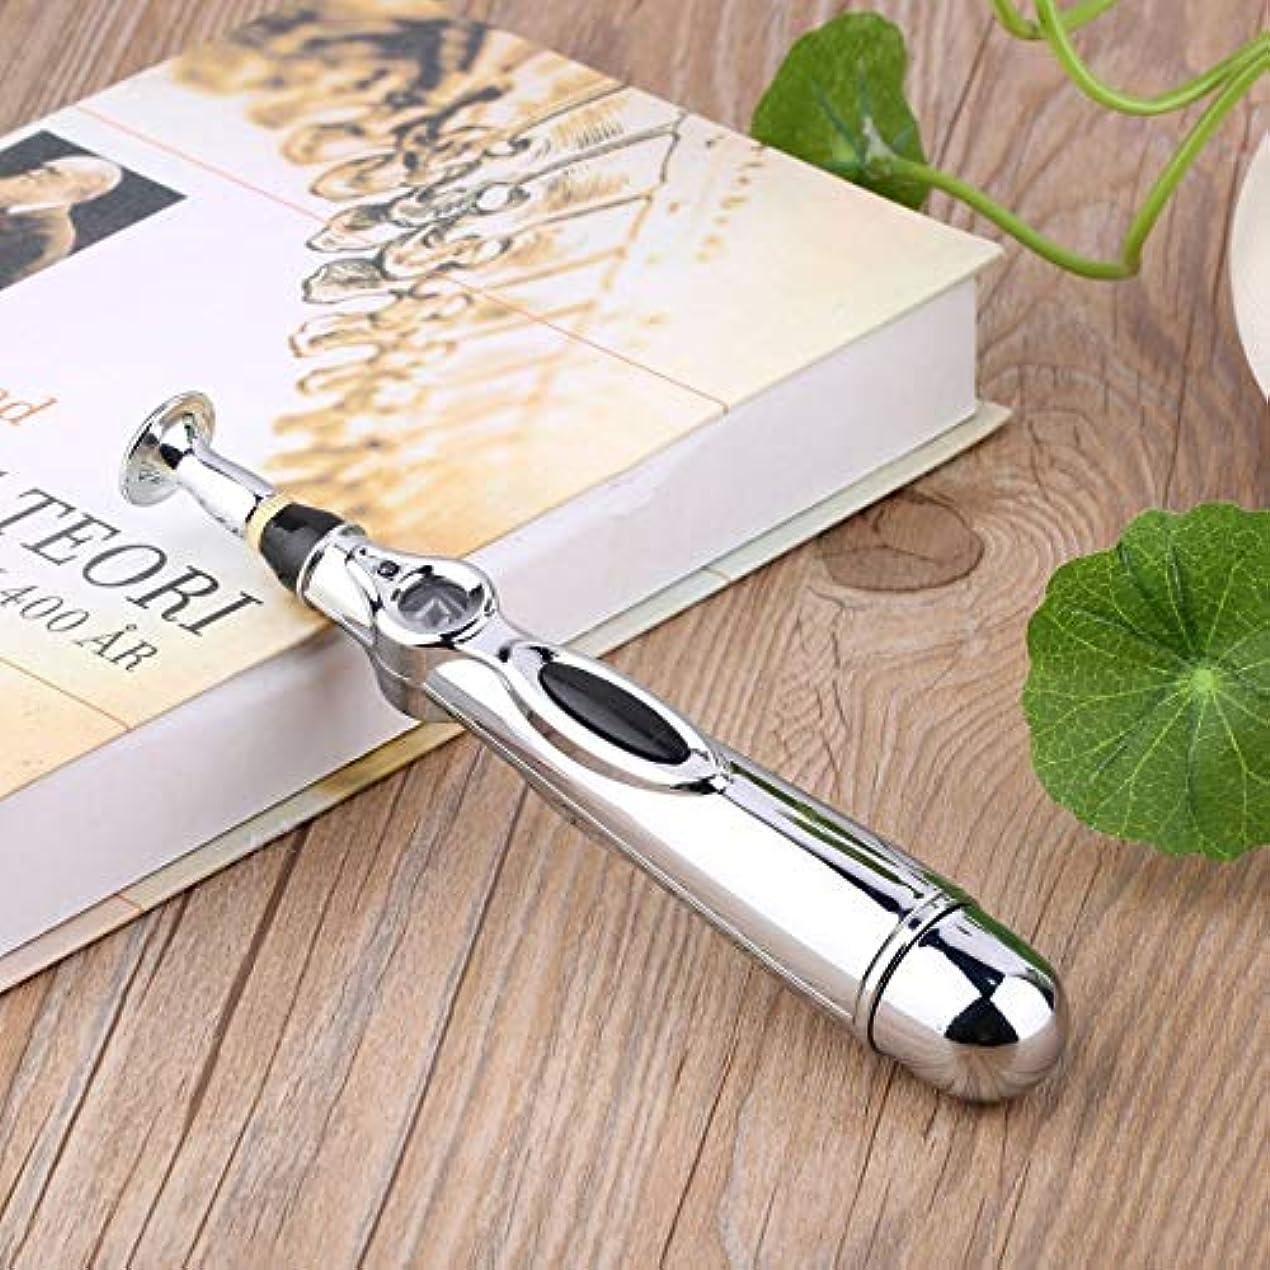 デマンド入札することになっているNimoliya 電気鍼マッサージペンの健康子午線の痛みを軽減する治療電子子午線エネルギーペンのマッサージボディヘッドネック脚